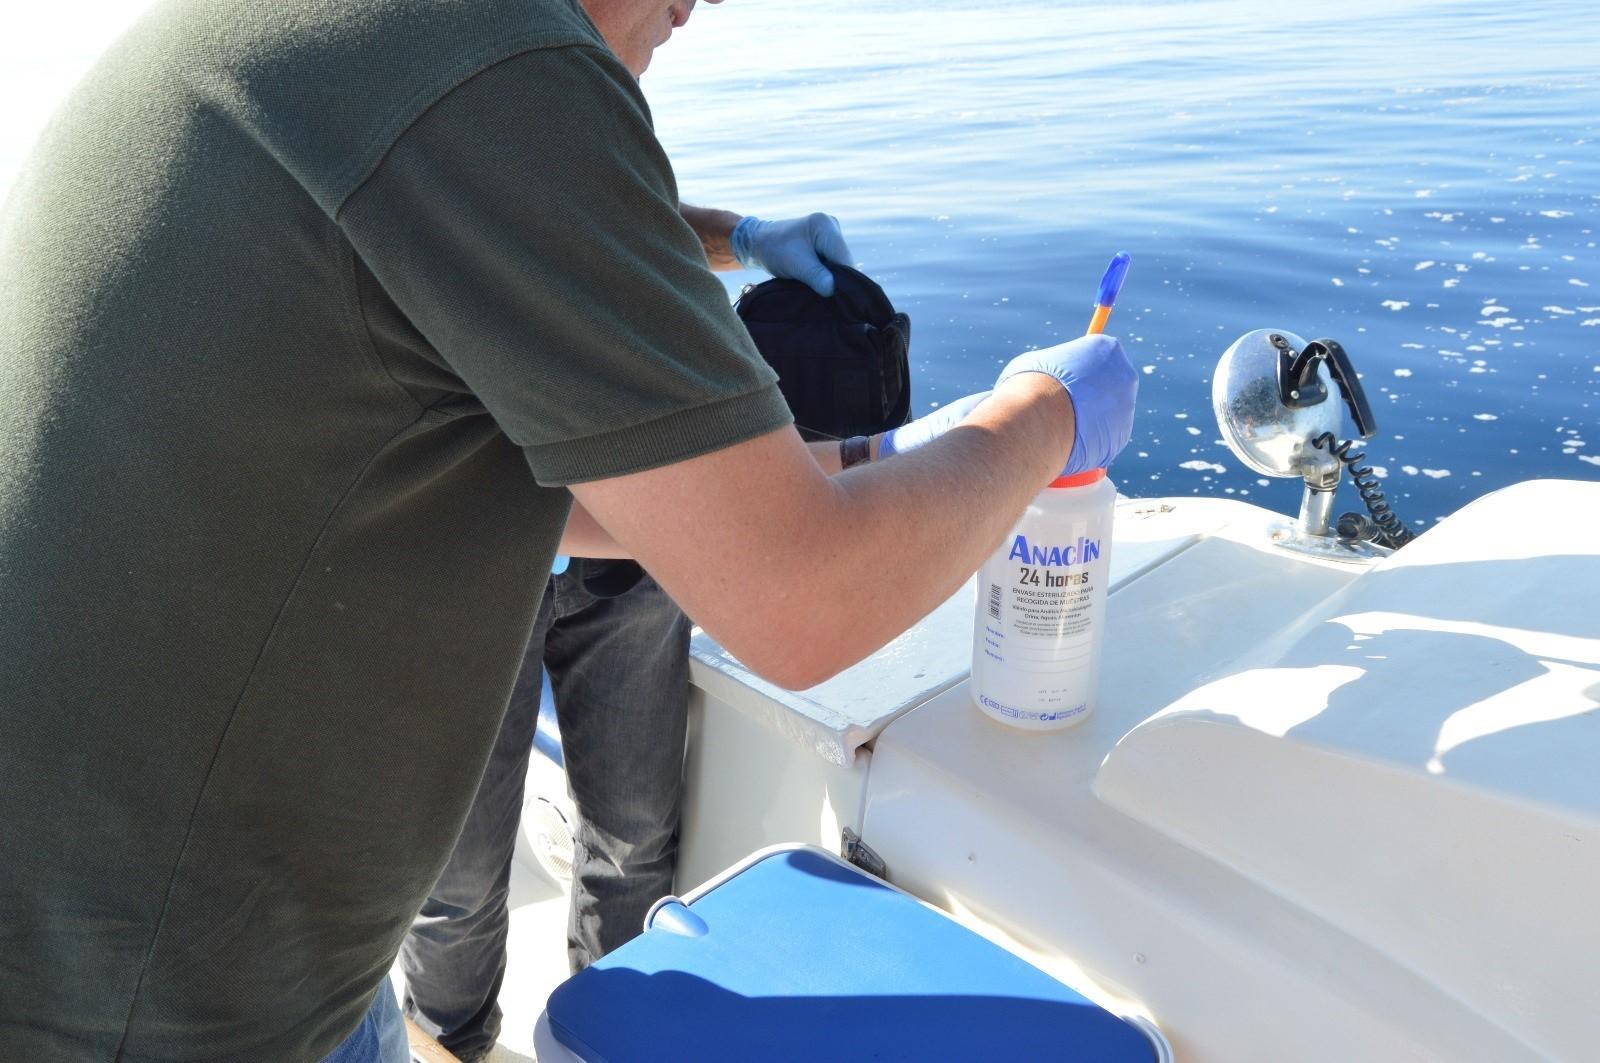 El Seprona toma muestras de la mancha en el mar de Salobreña y analizará su procedencia